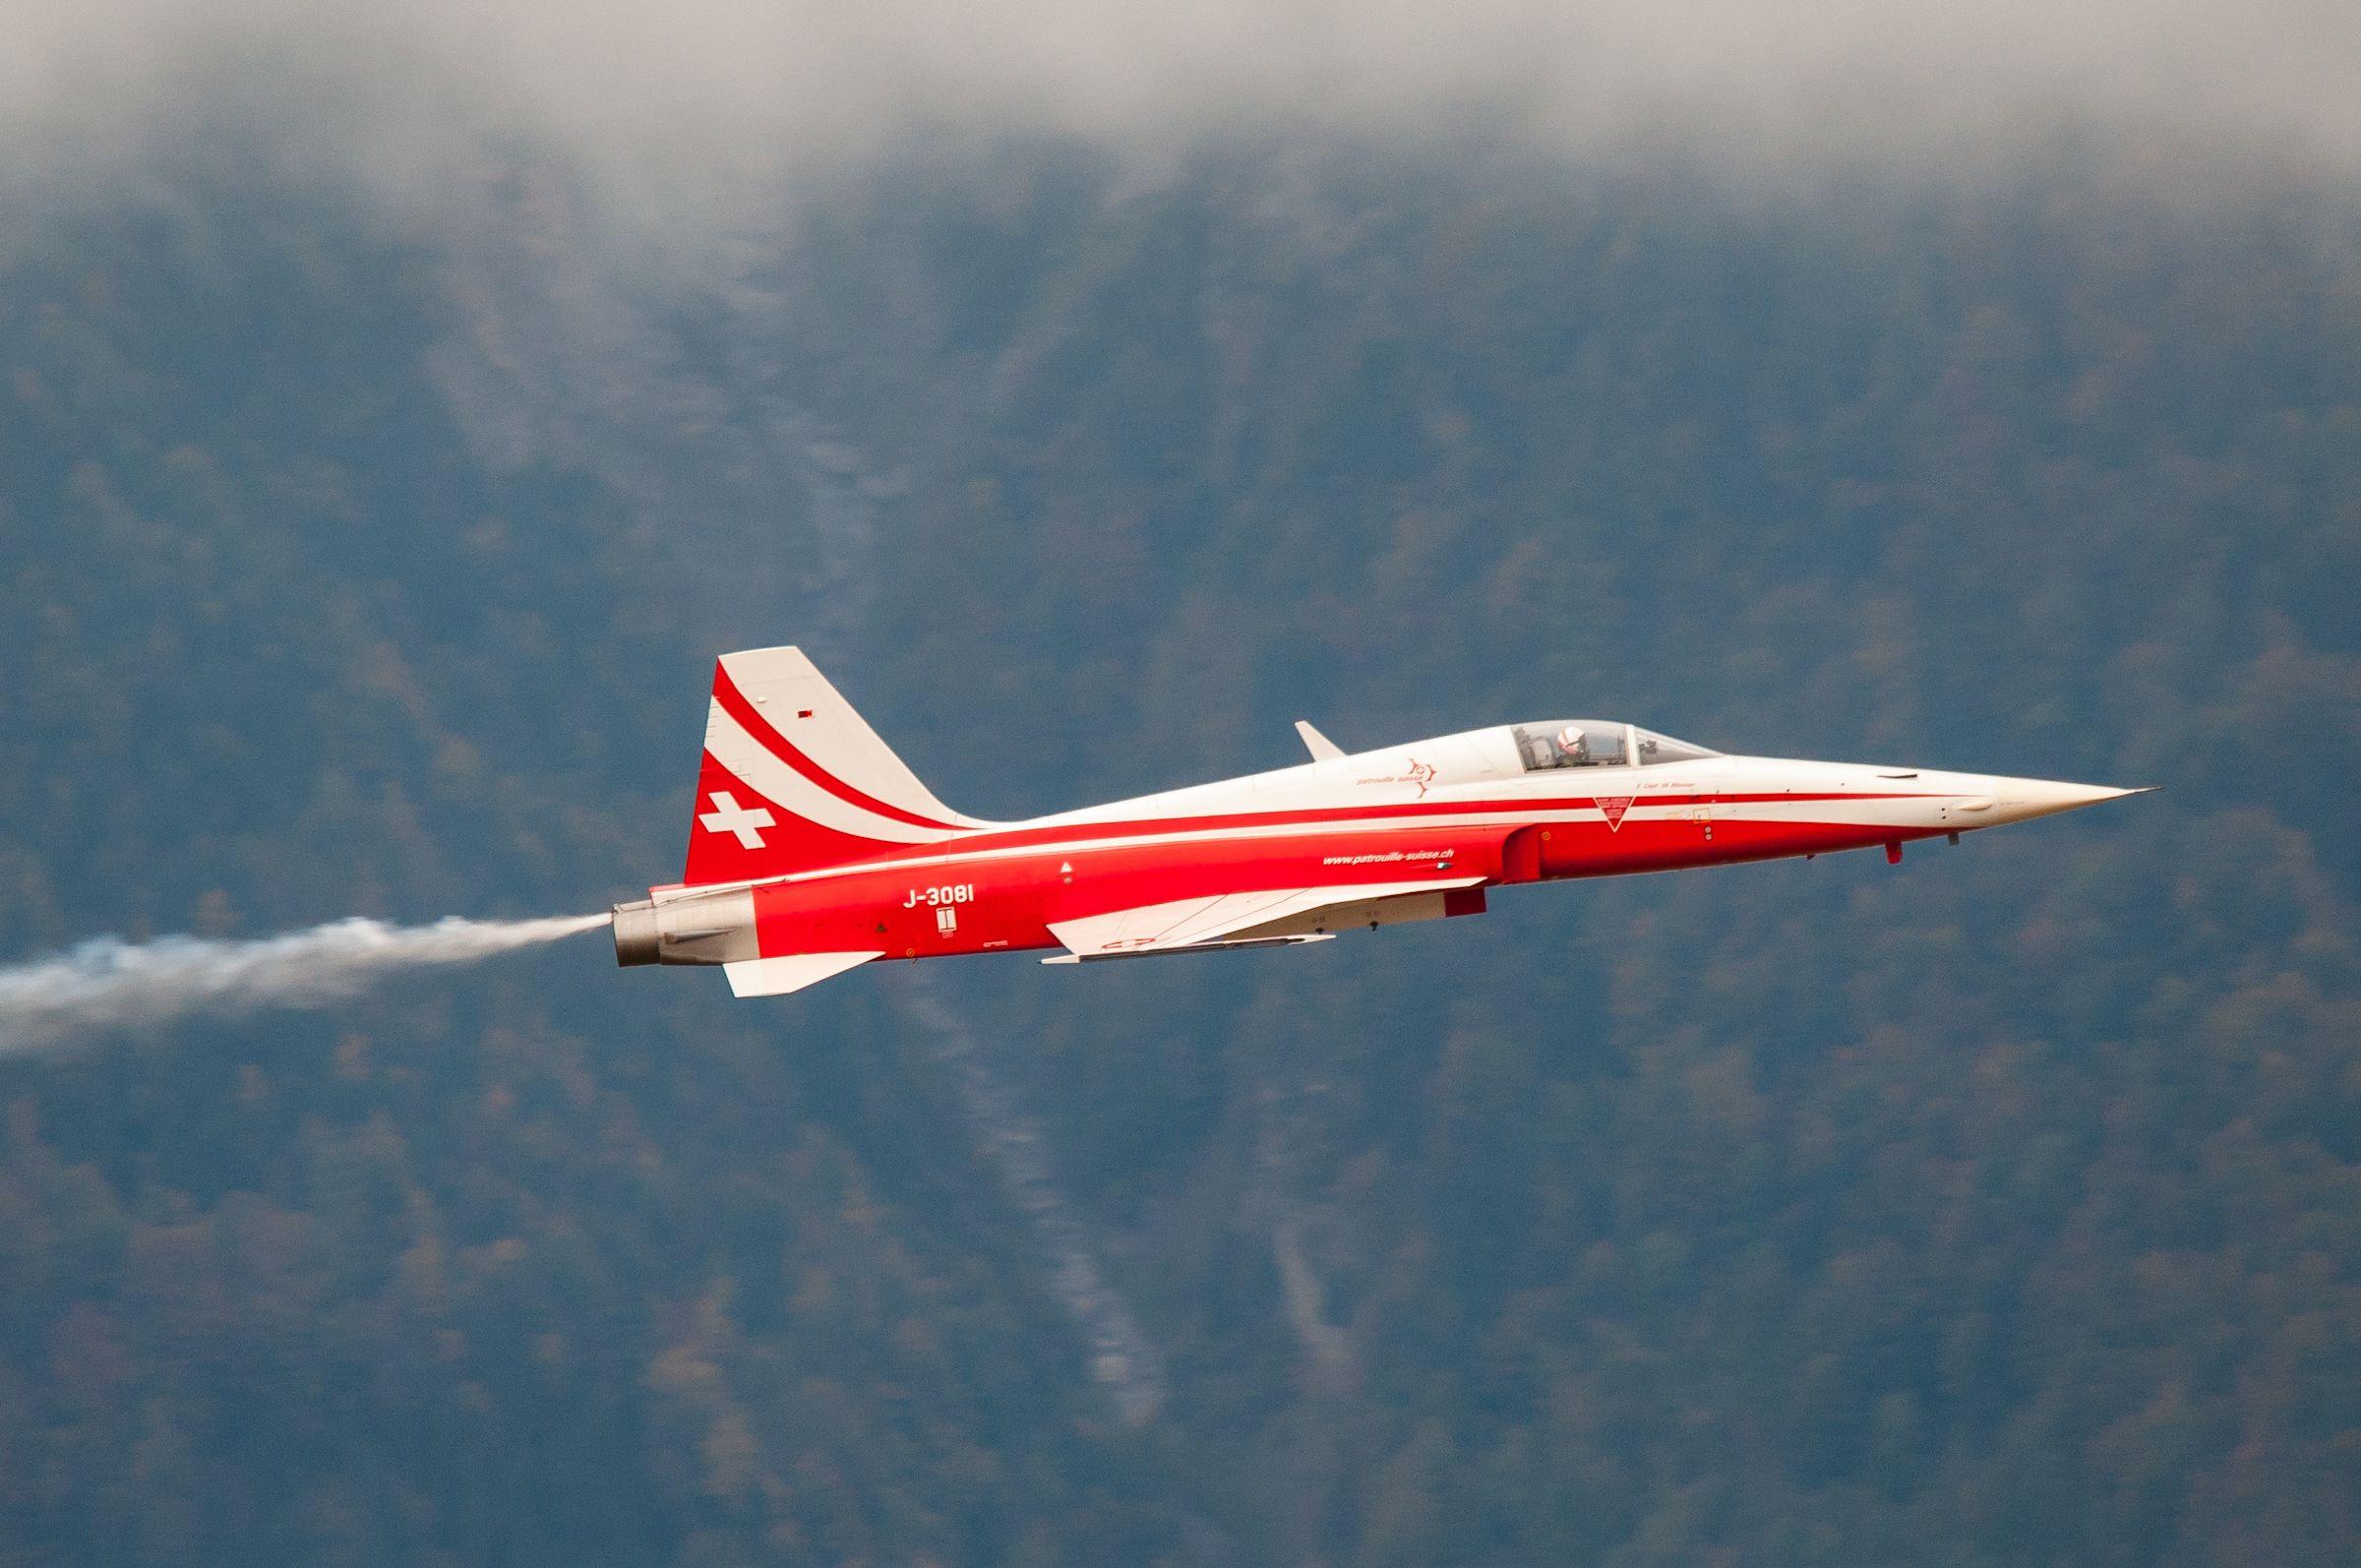 Air force live fire event Axalp 2012 - 10-11 Oct 2012 - Pagina 2 000123x